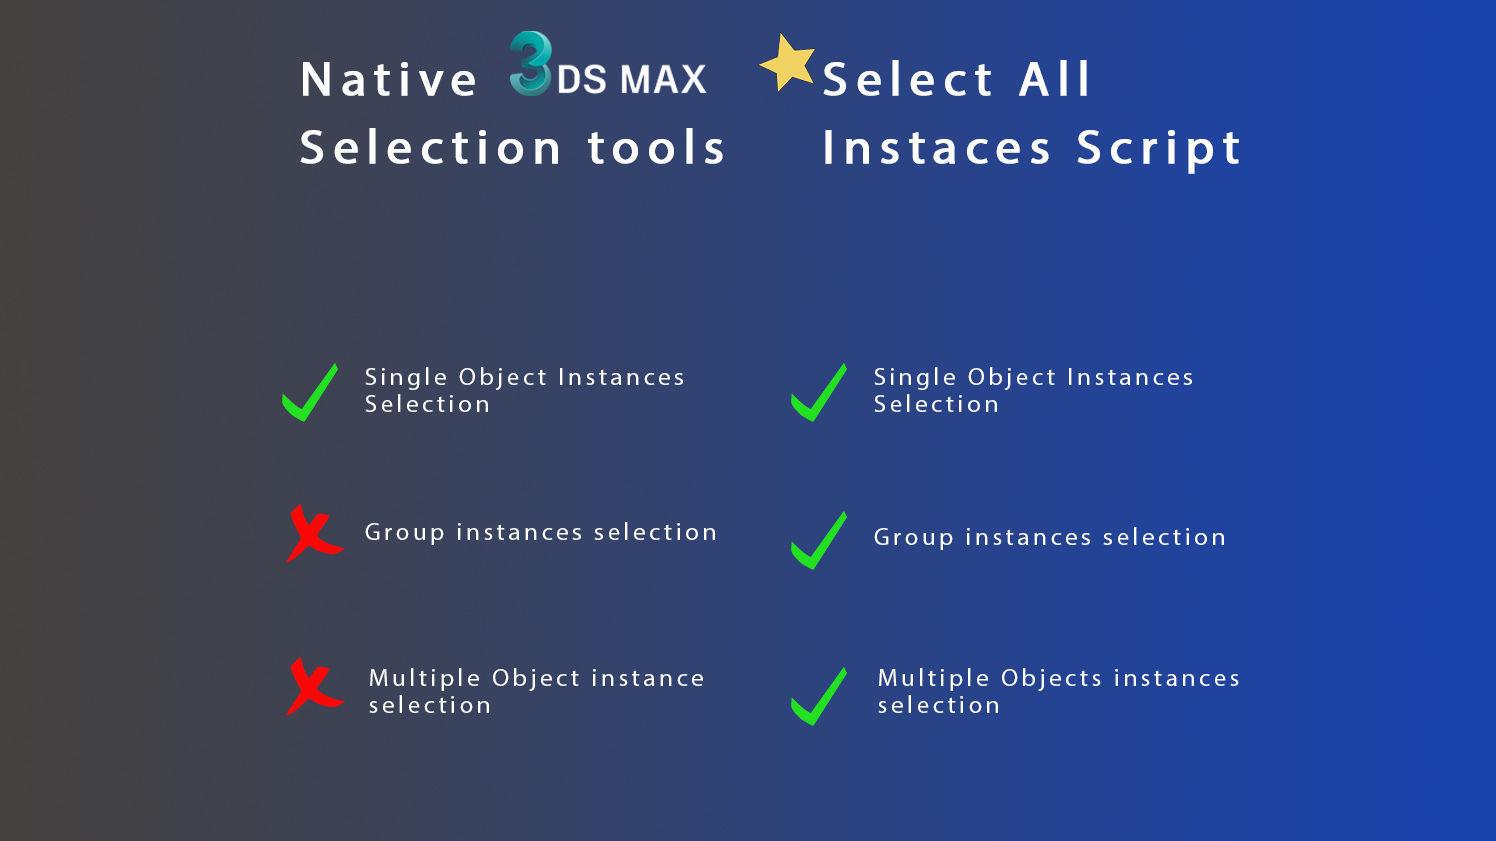 Select All Instances Script